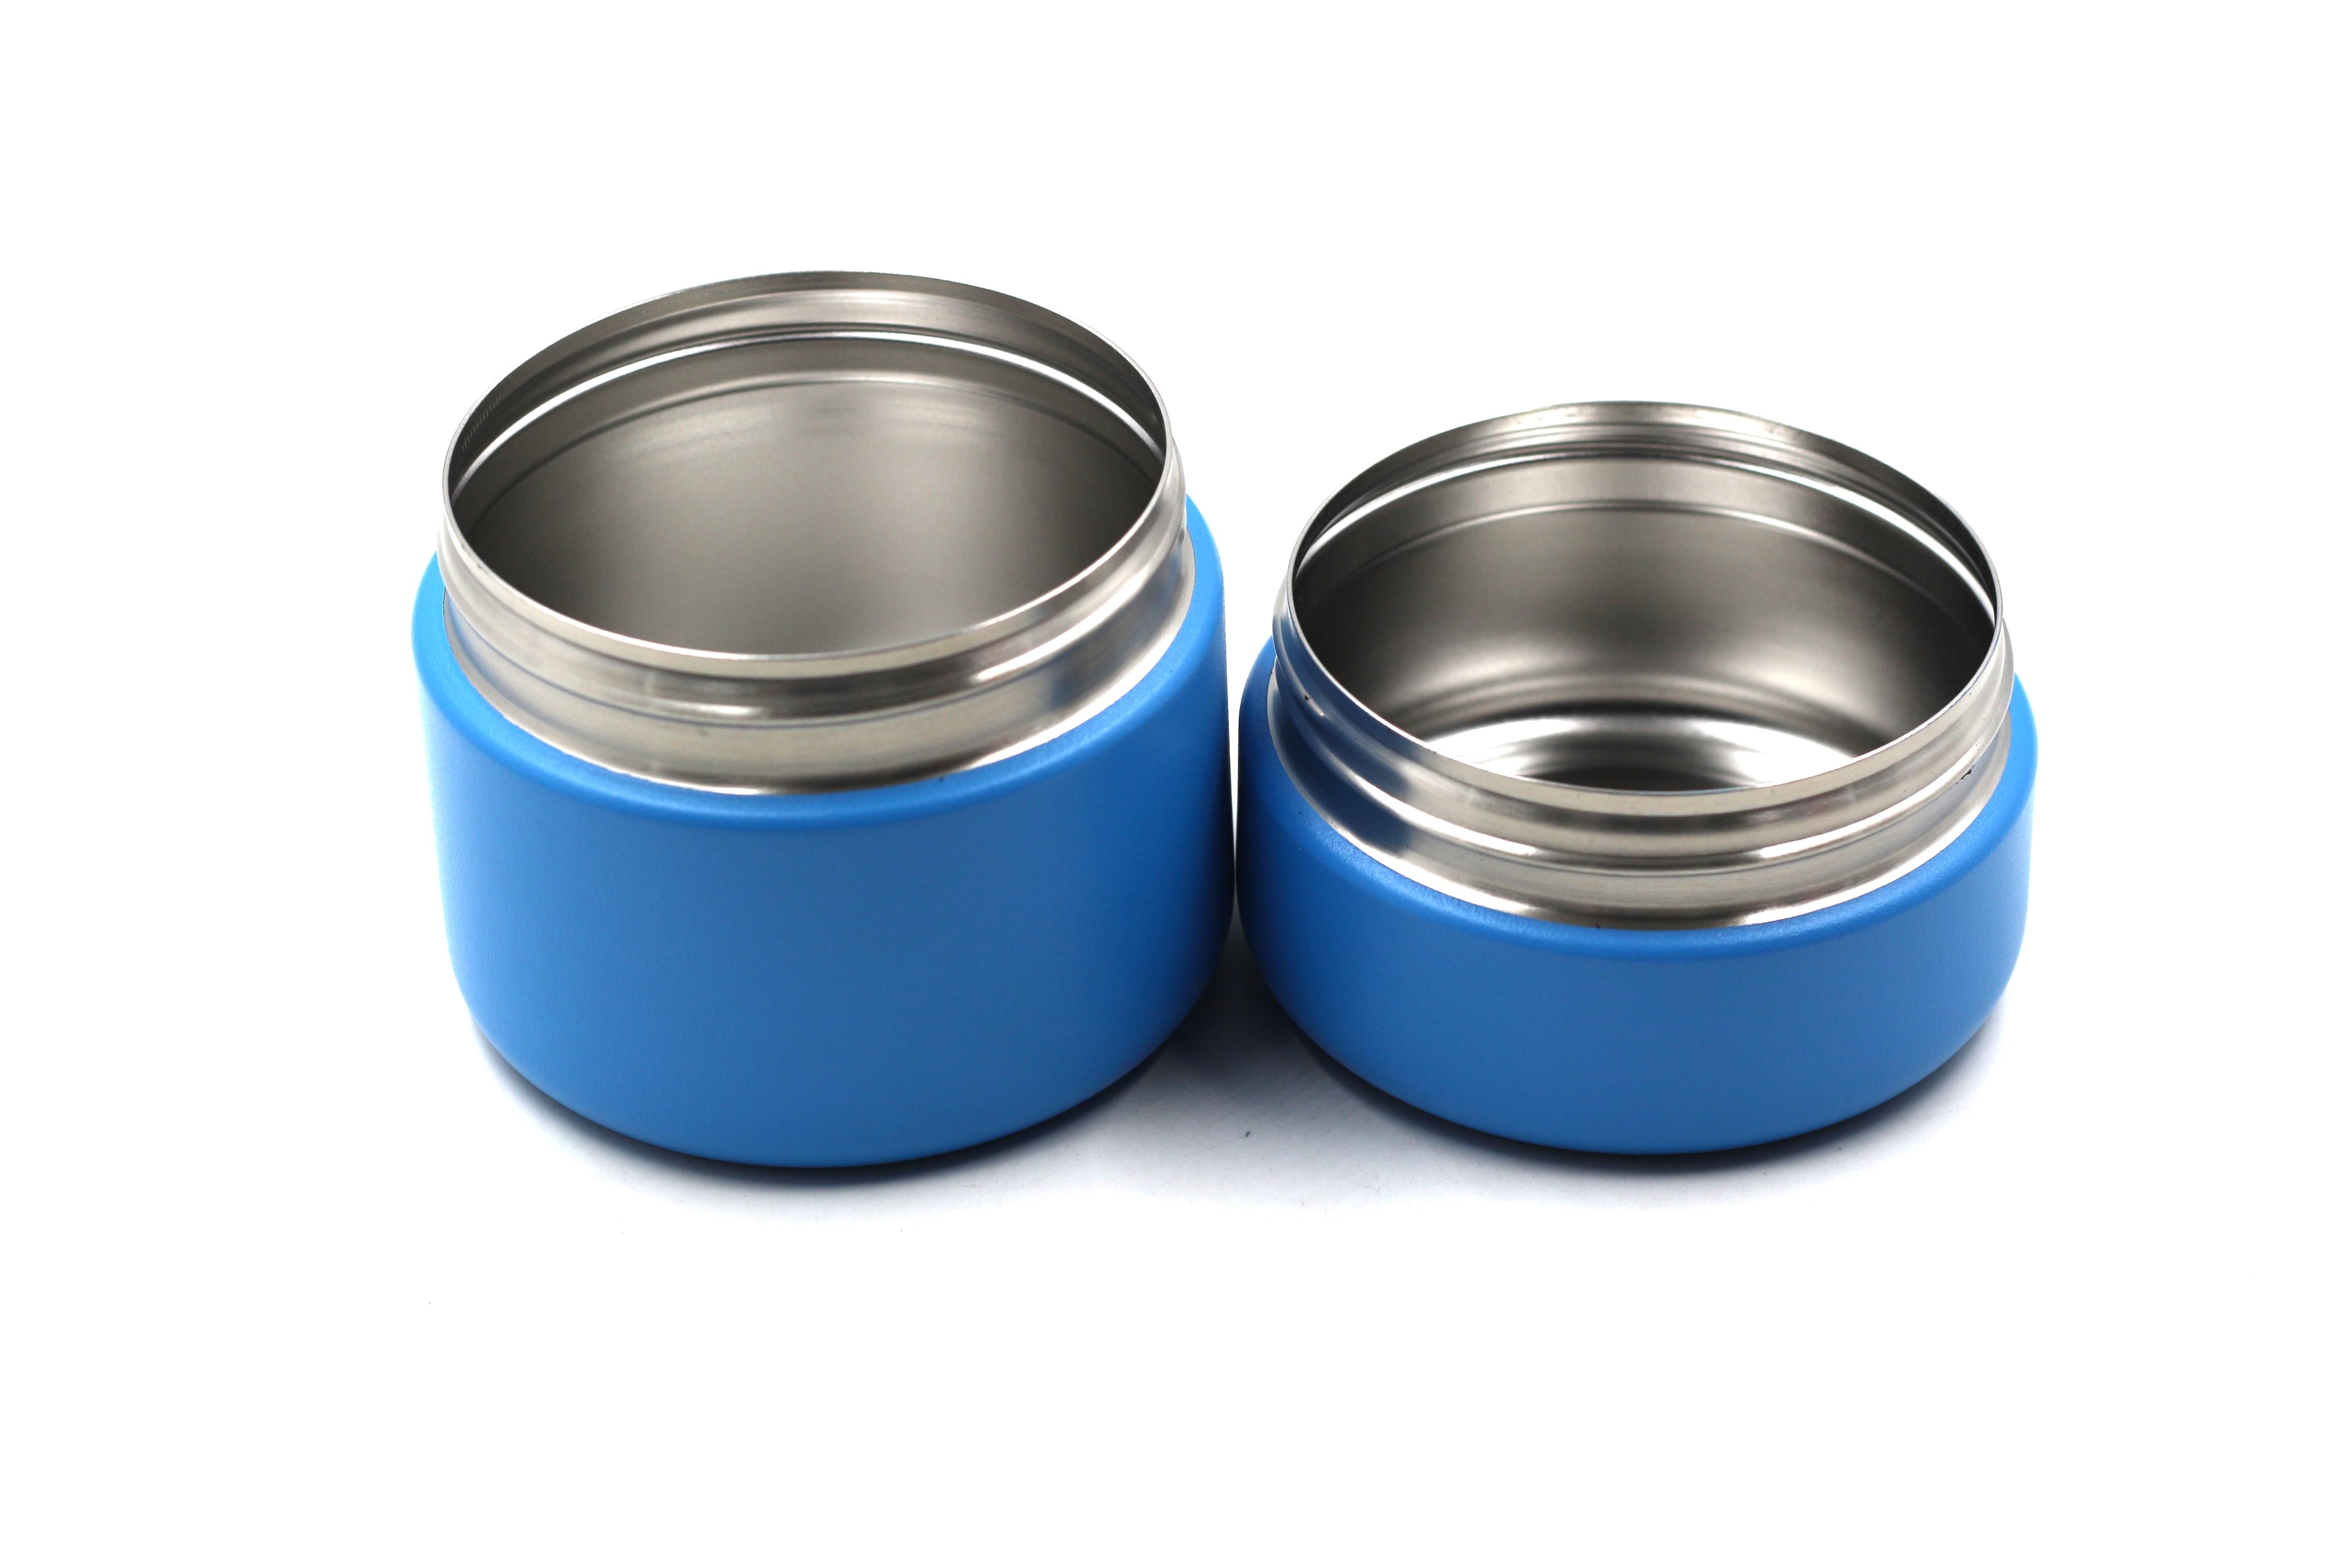 Новое поступление, пищевой контейнер из нержавеющей стали для утилизации, контейнер для хранения